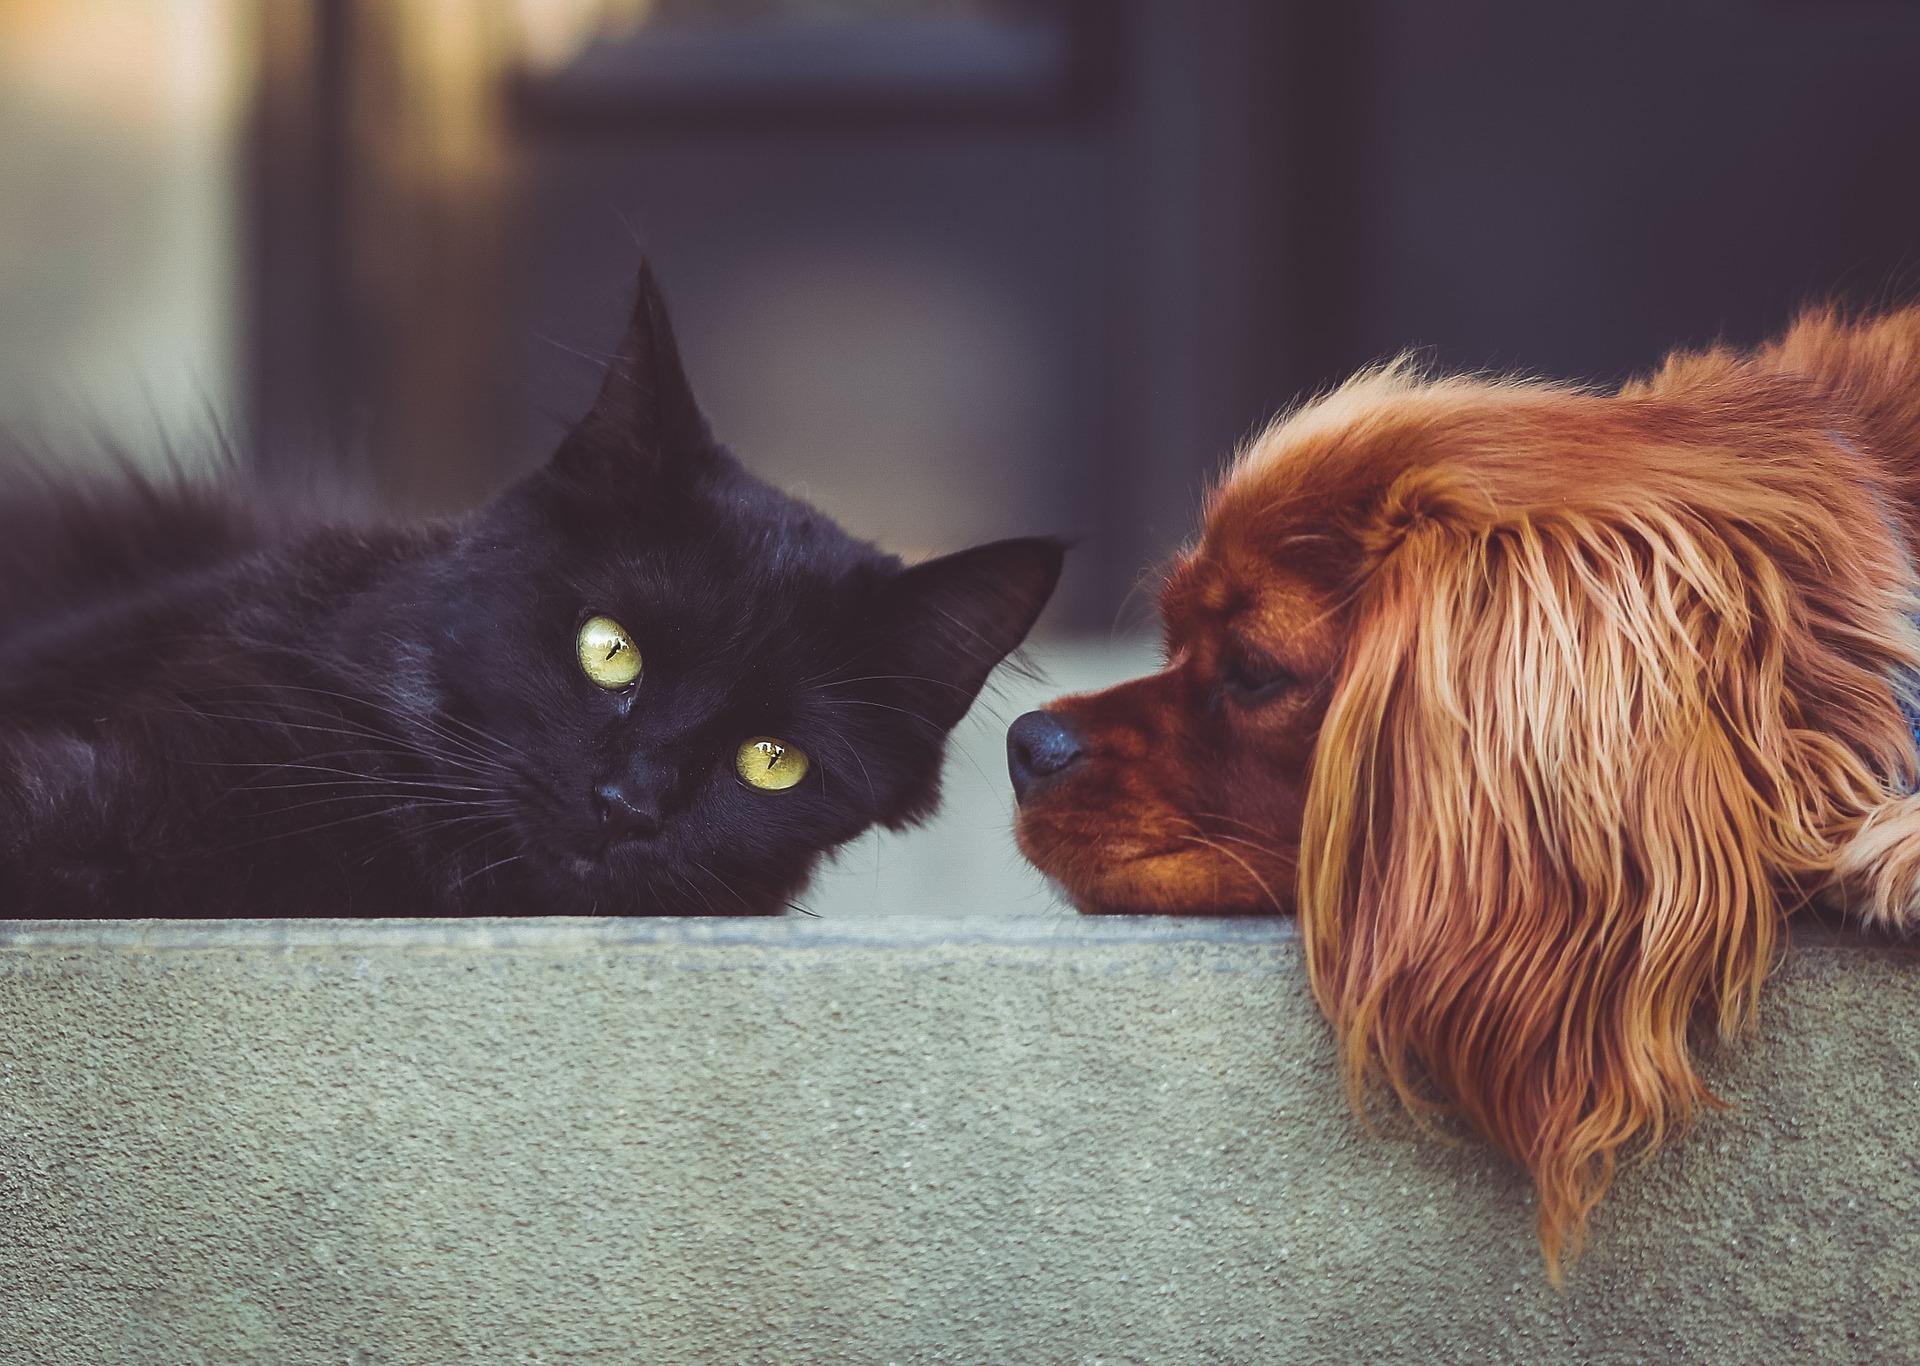 отношения между друзьями